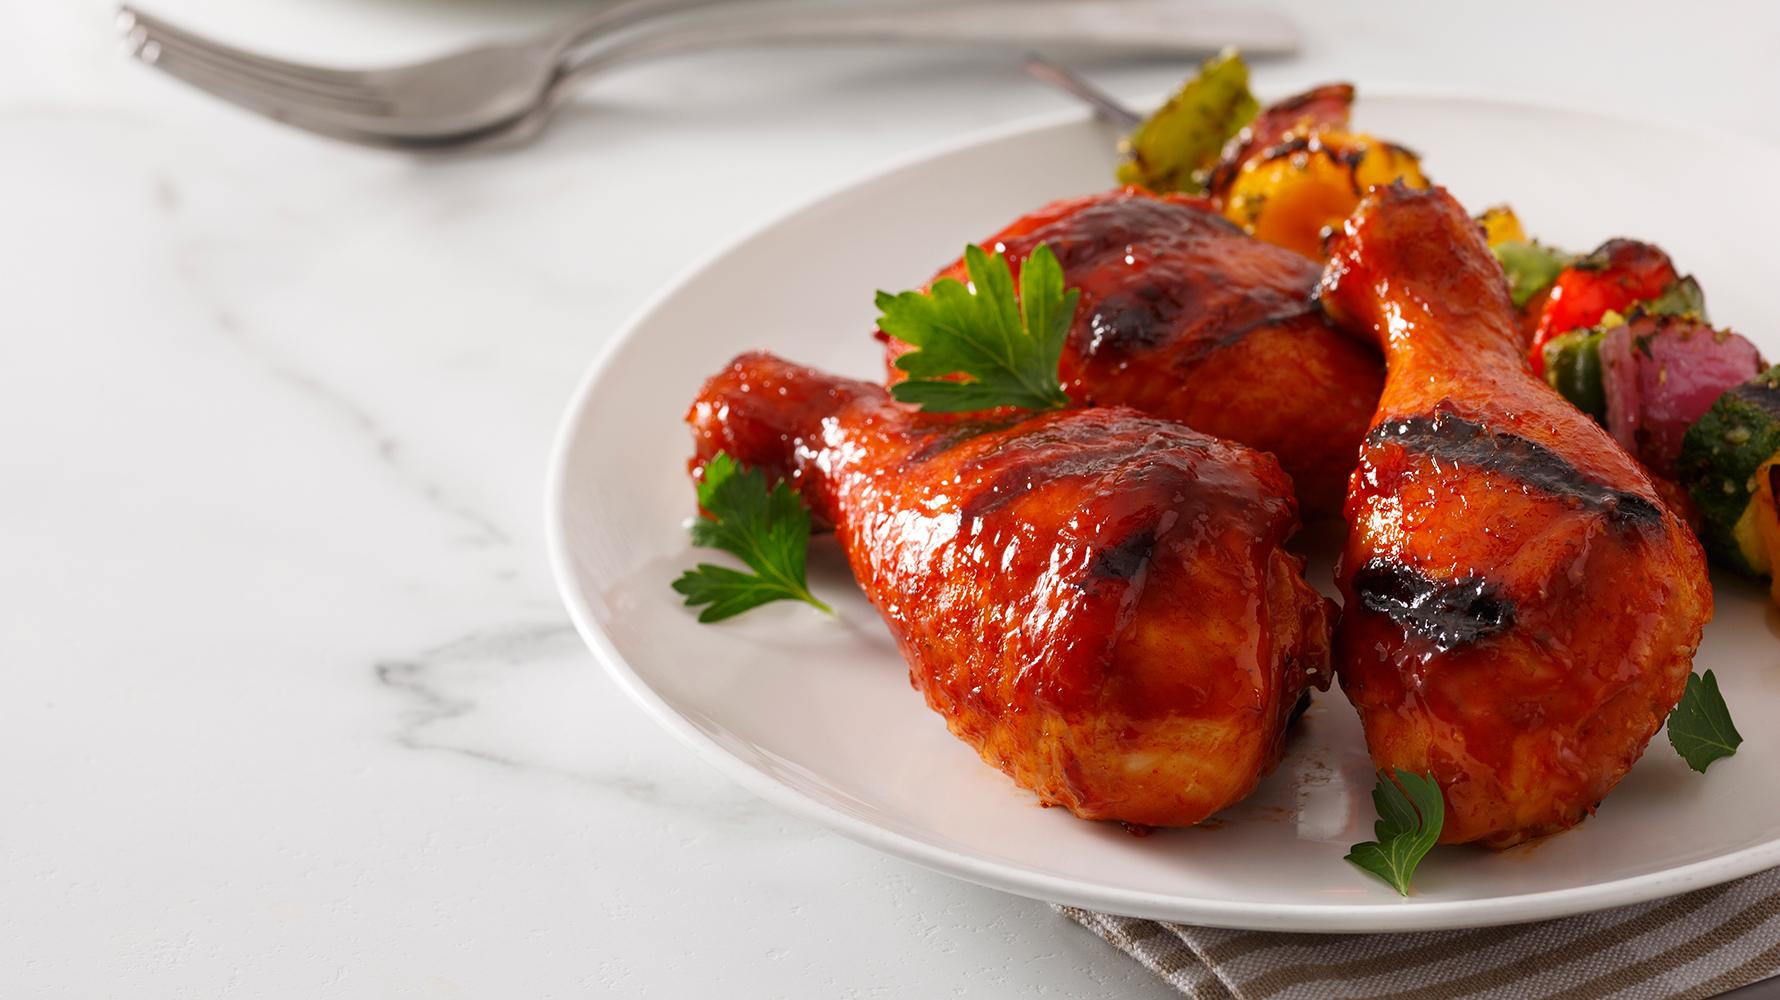 Pilons de poulet style cotes levees